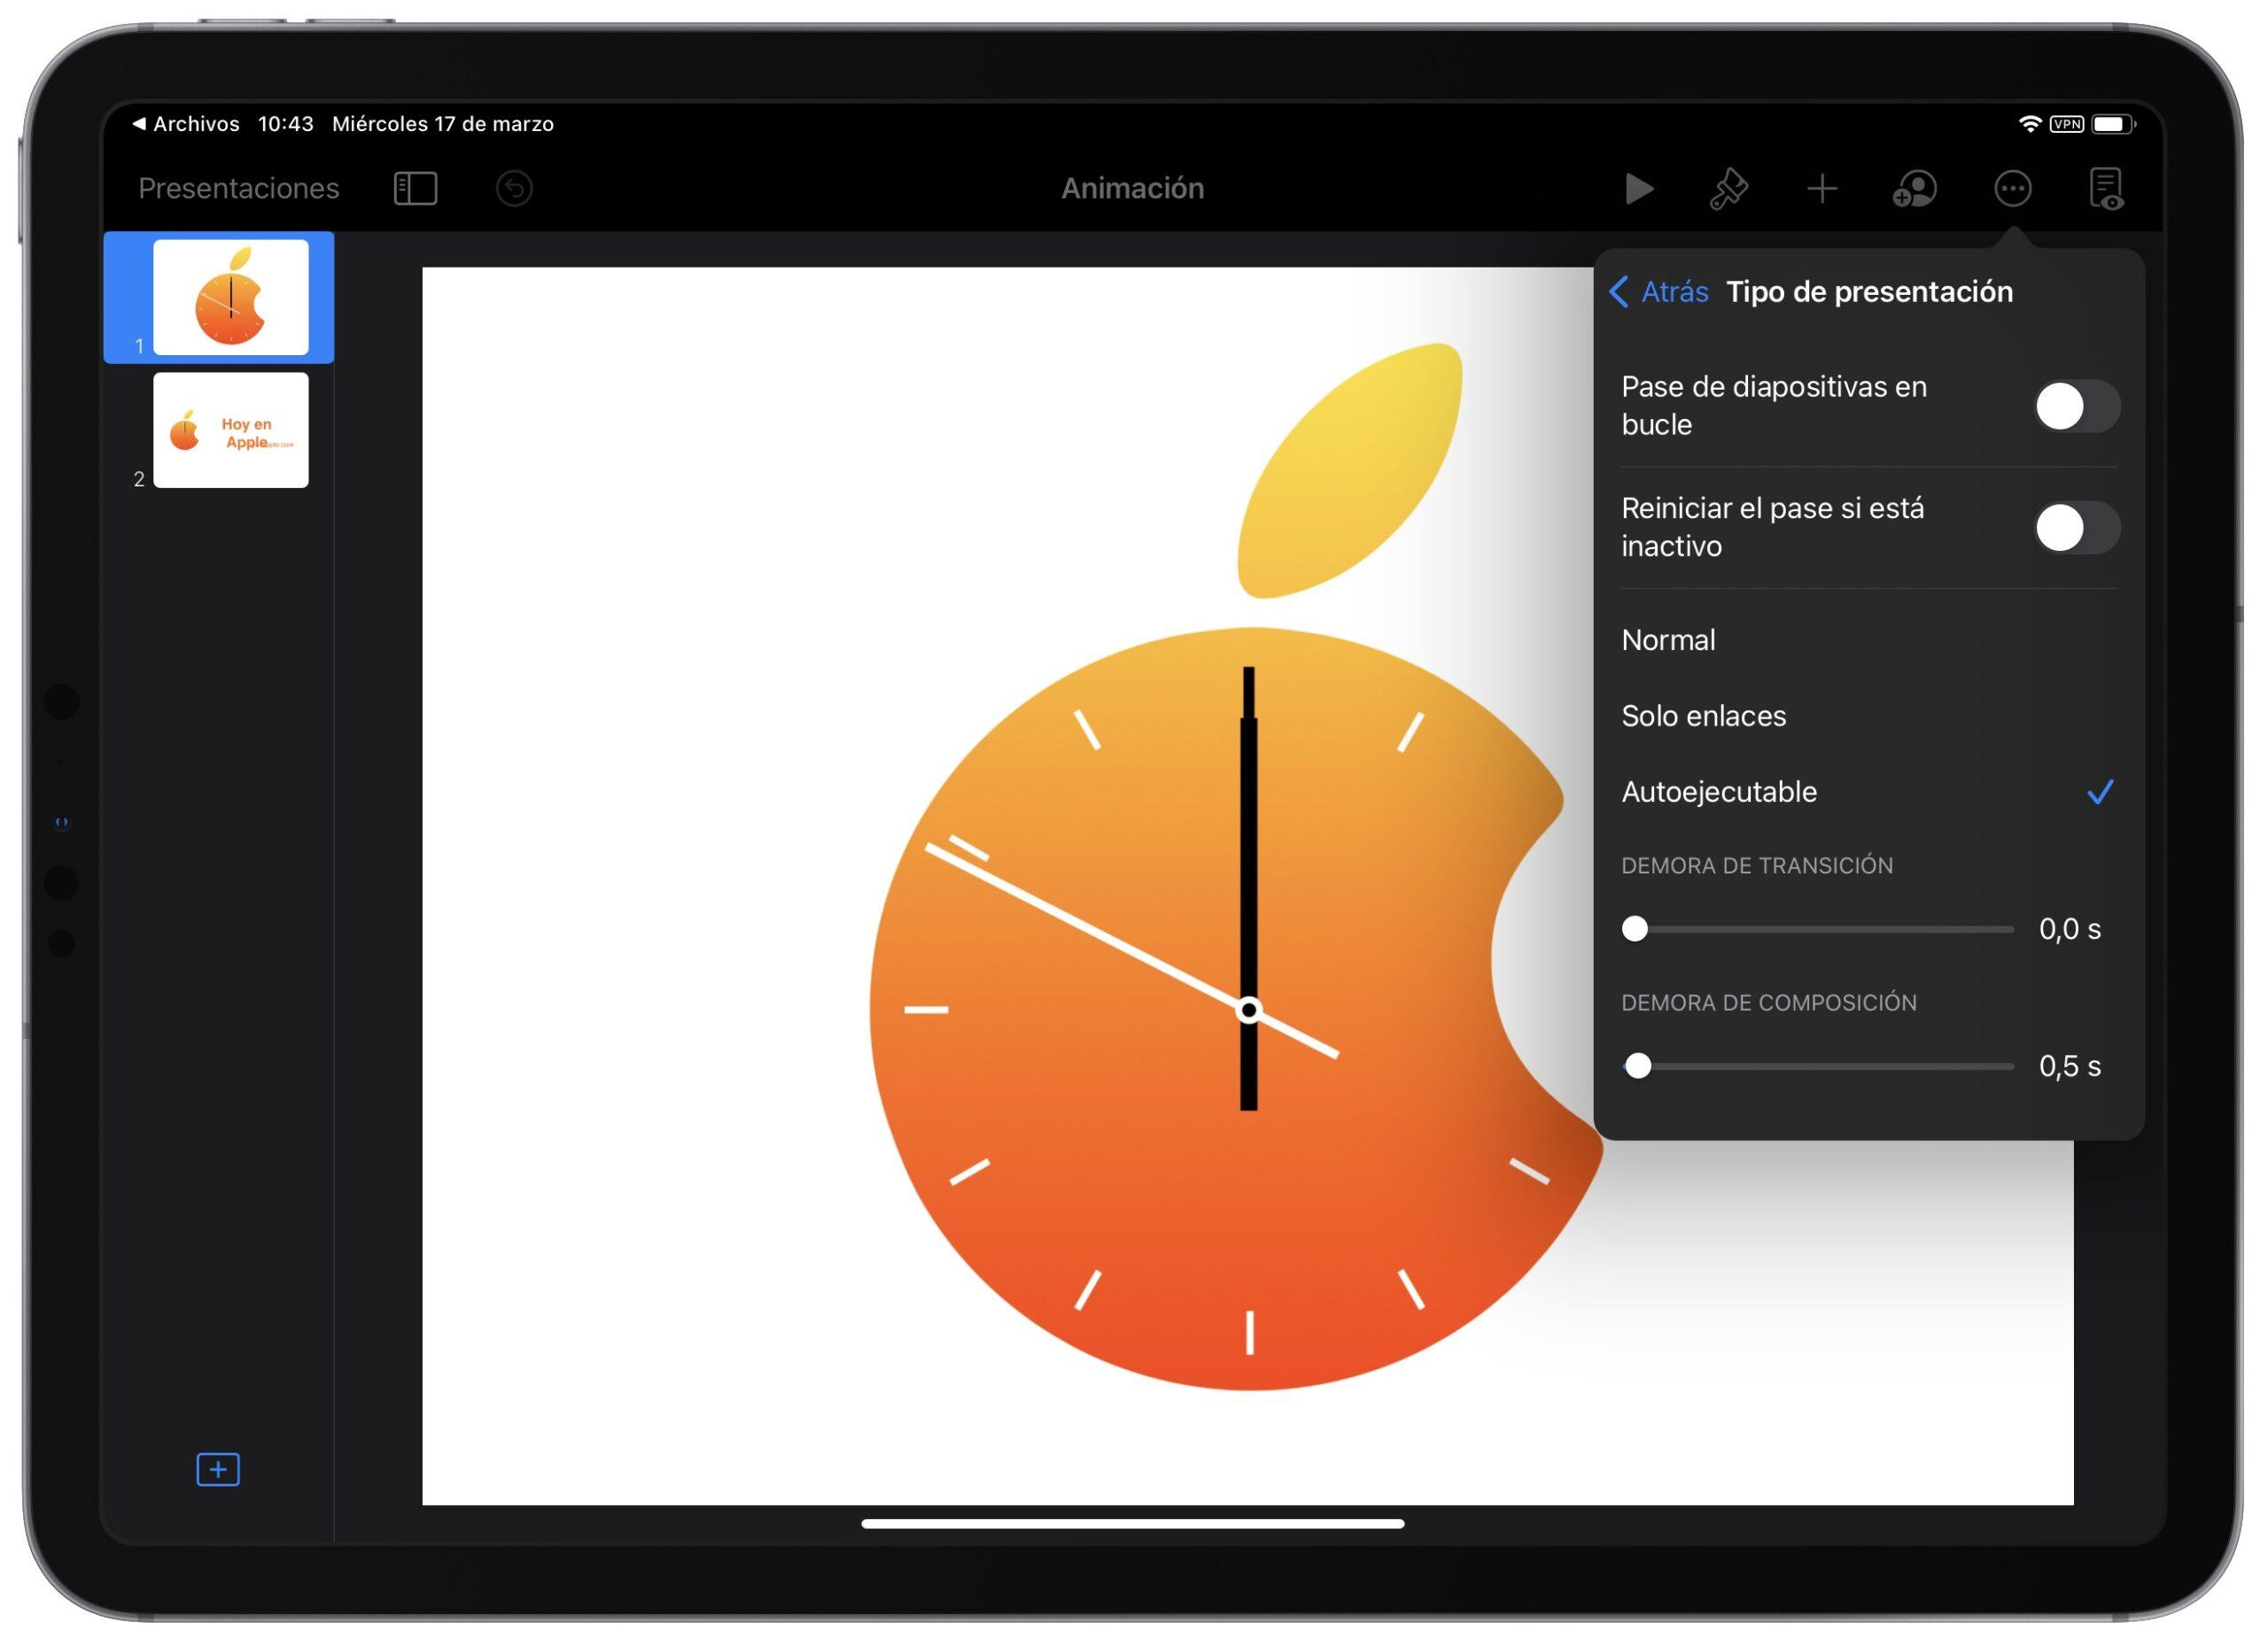 Cómo reproducir automáticamente o reproducir en bucle una presentación de Keynote en nuestro Mac, iPad o iPhone